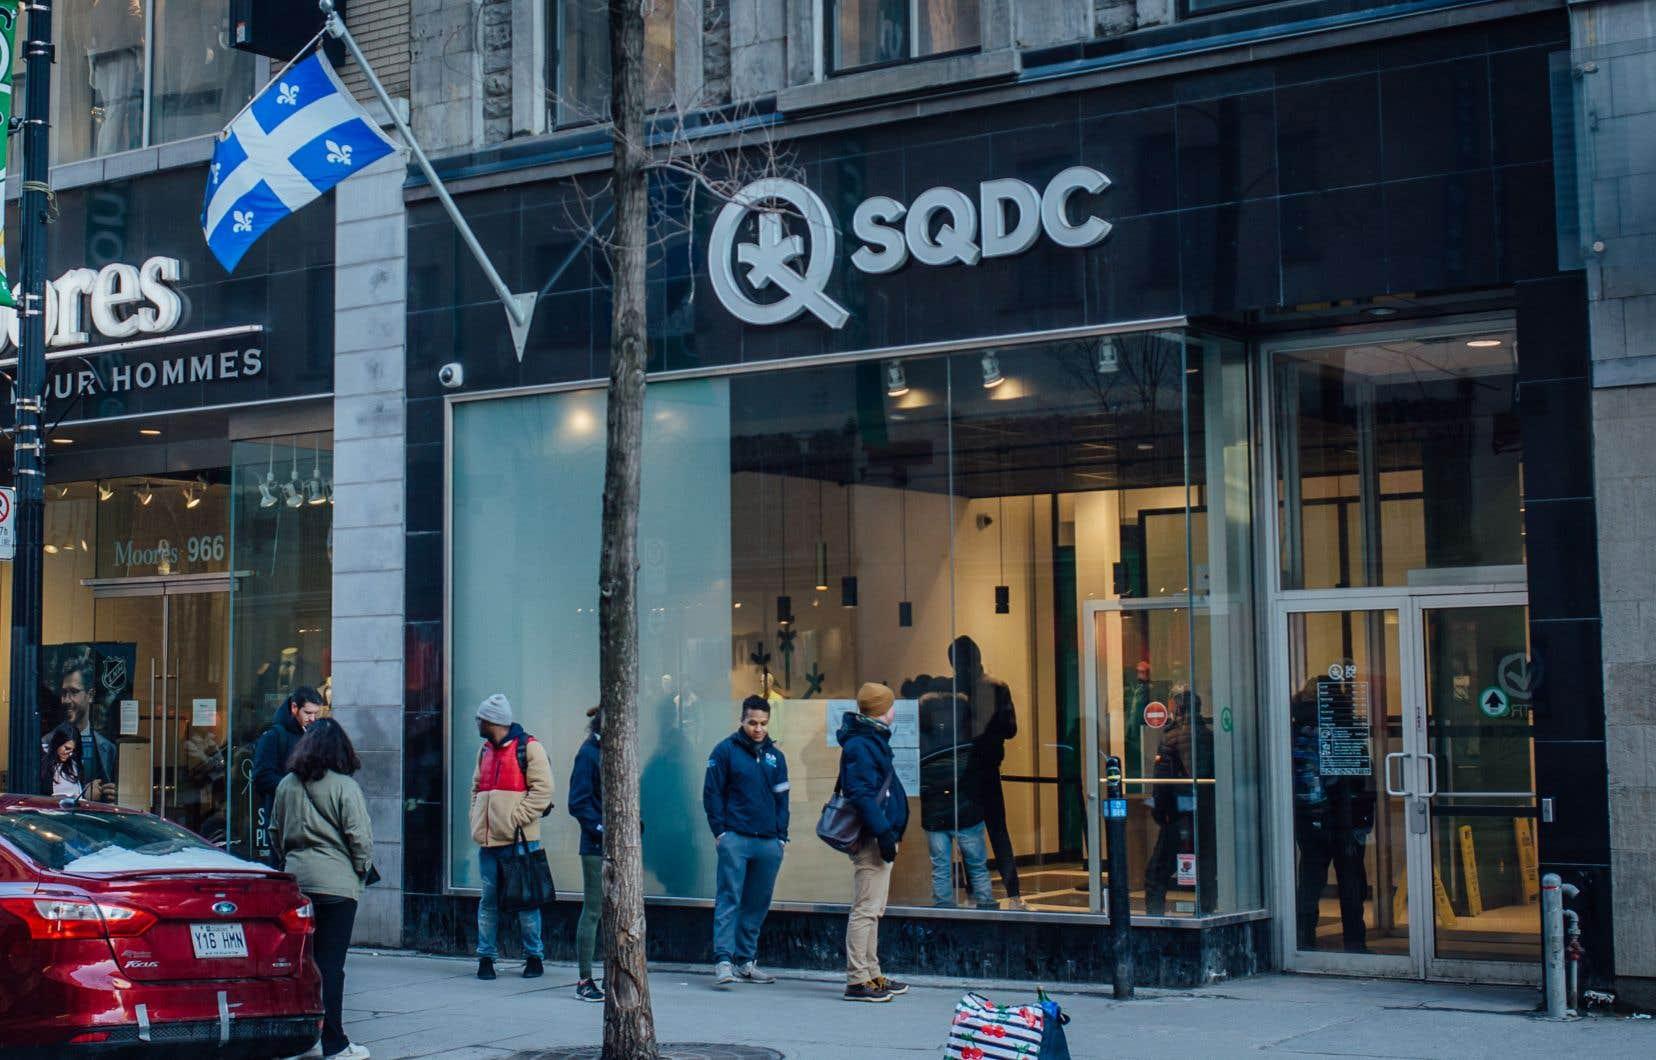 Les contraintes imposées par les mesures sanitaires et la désignation de la SQDC comme service essentiel semblent ainsi avoir poussé davantage de consommateurs vers la SQDC au détriment des fournisseurs illégaux.